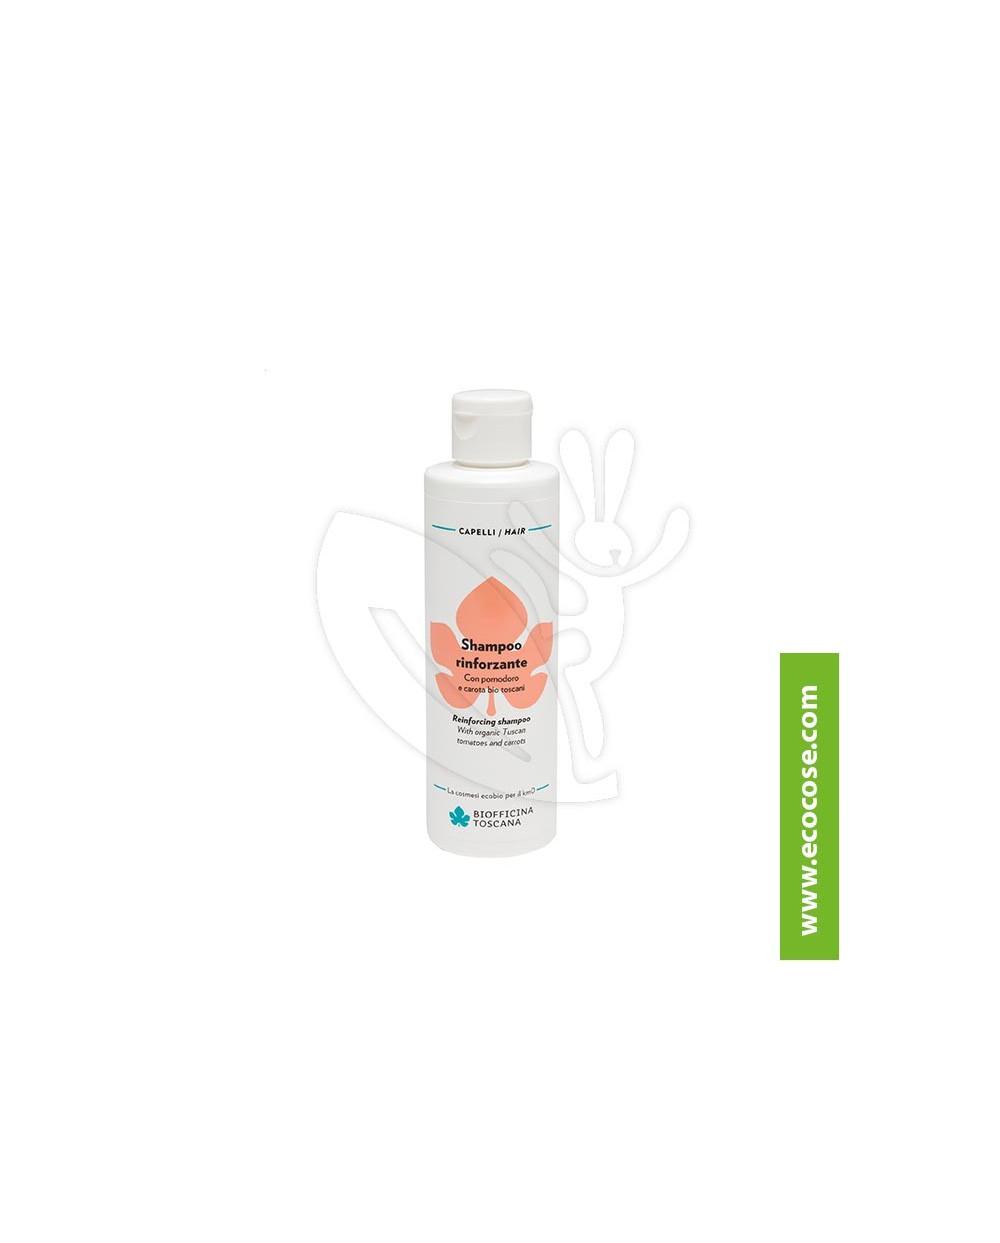 Biofficina Toscana - Shampoo rinforzante 200 ml